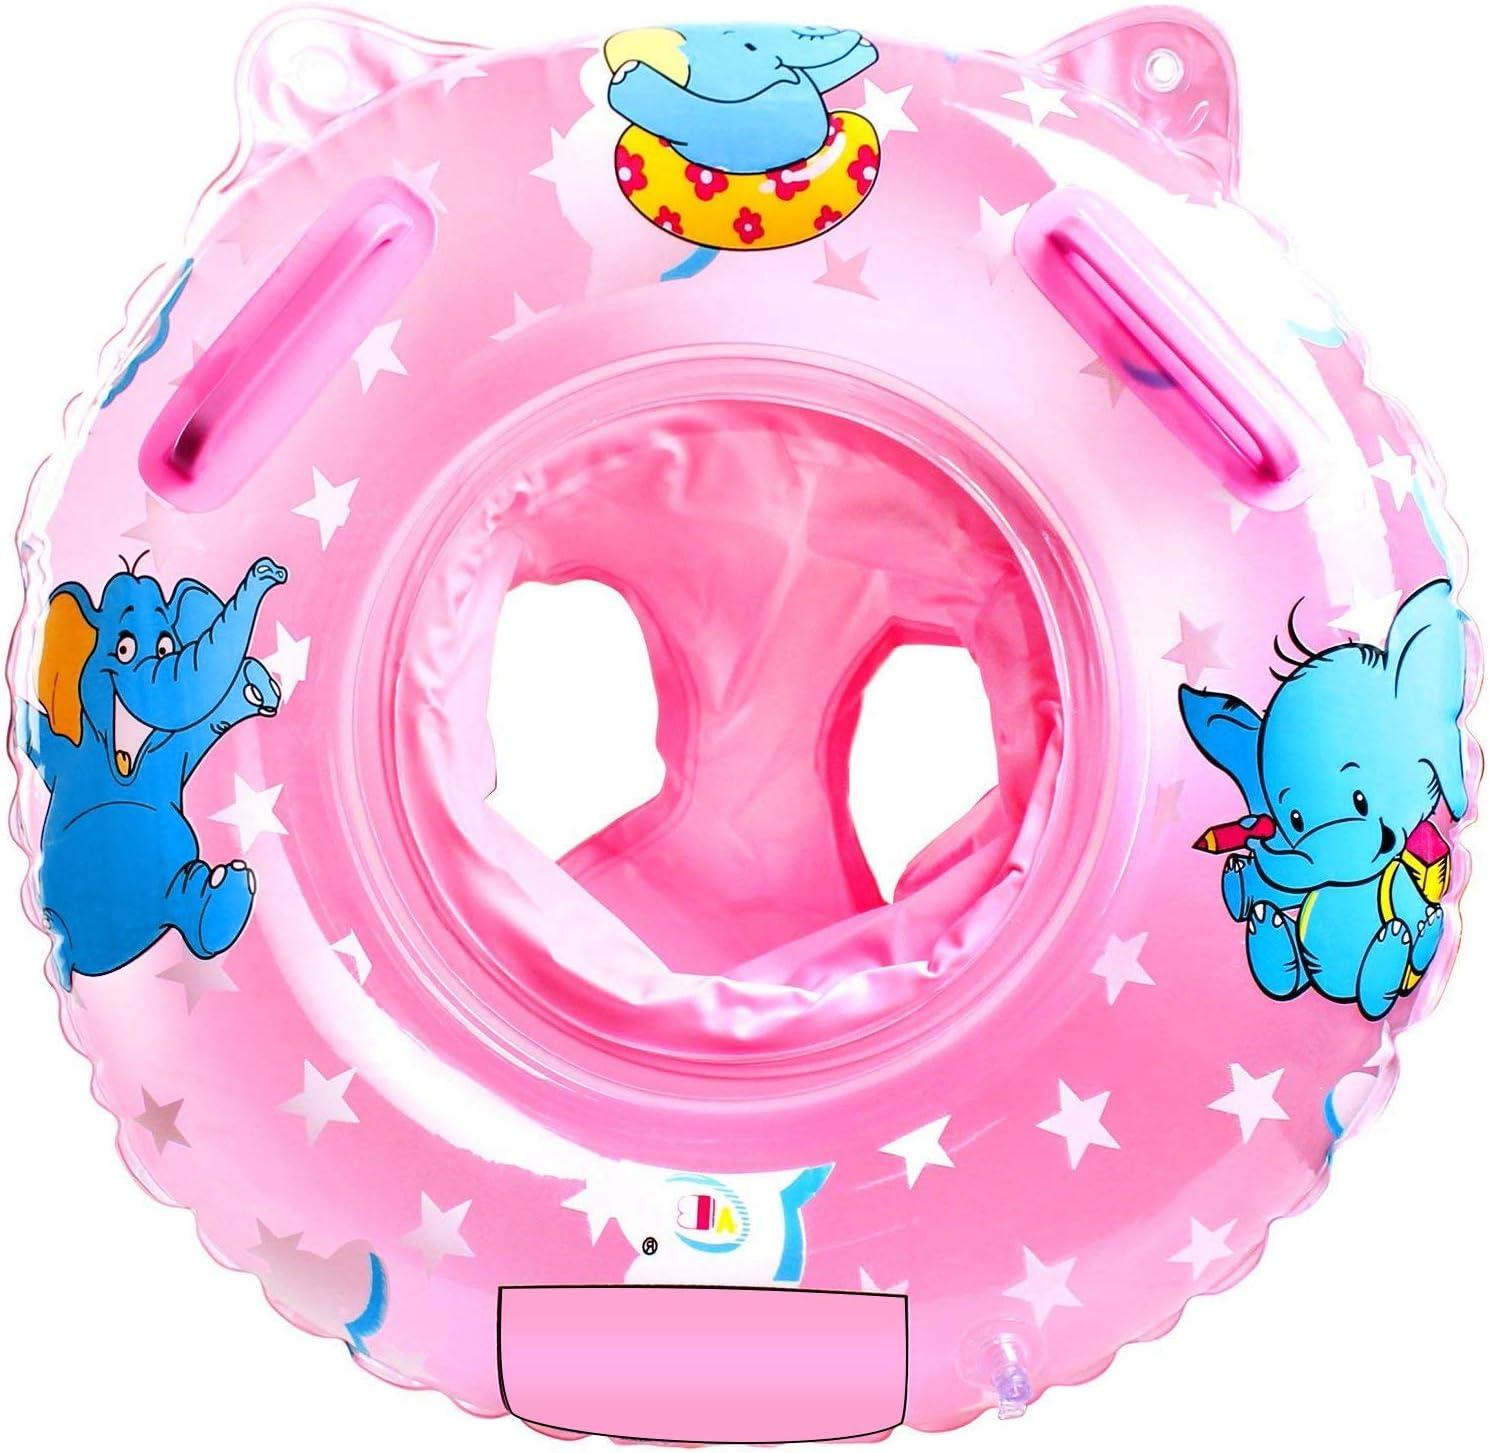 Jiahuade Flotador de Aprendizaje,Flotador Cuello Bebe,Flotadores para Bebés,Anillo de Natación Bebé,Flotador para Bebe Piscina,Flotador Anillo de Natación,Anillo de Natación para Bebé (B)